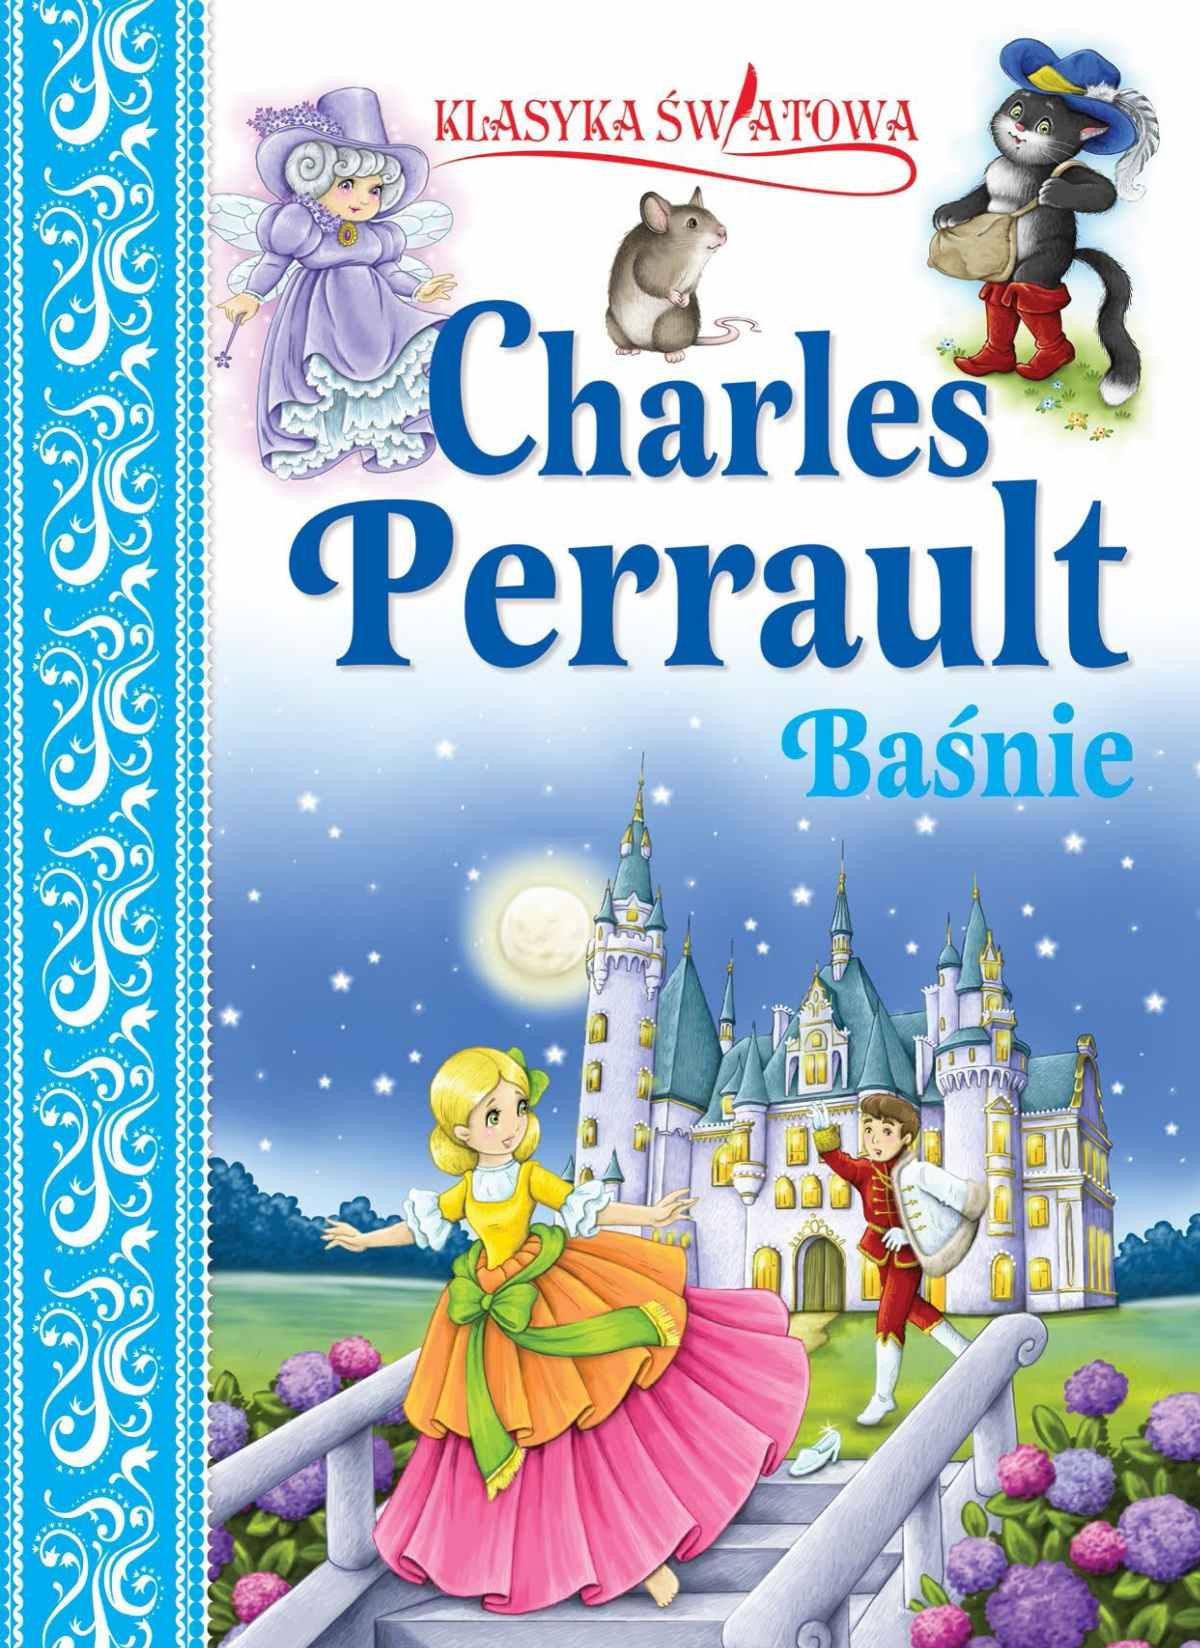 Klasyka światowa. Charles Perrault, Baśnie - Ebook (Książka PDF) do pobrania w formacie PDF